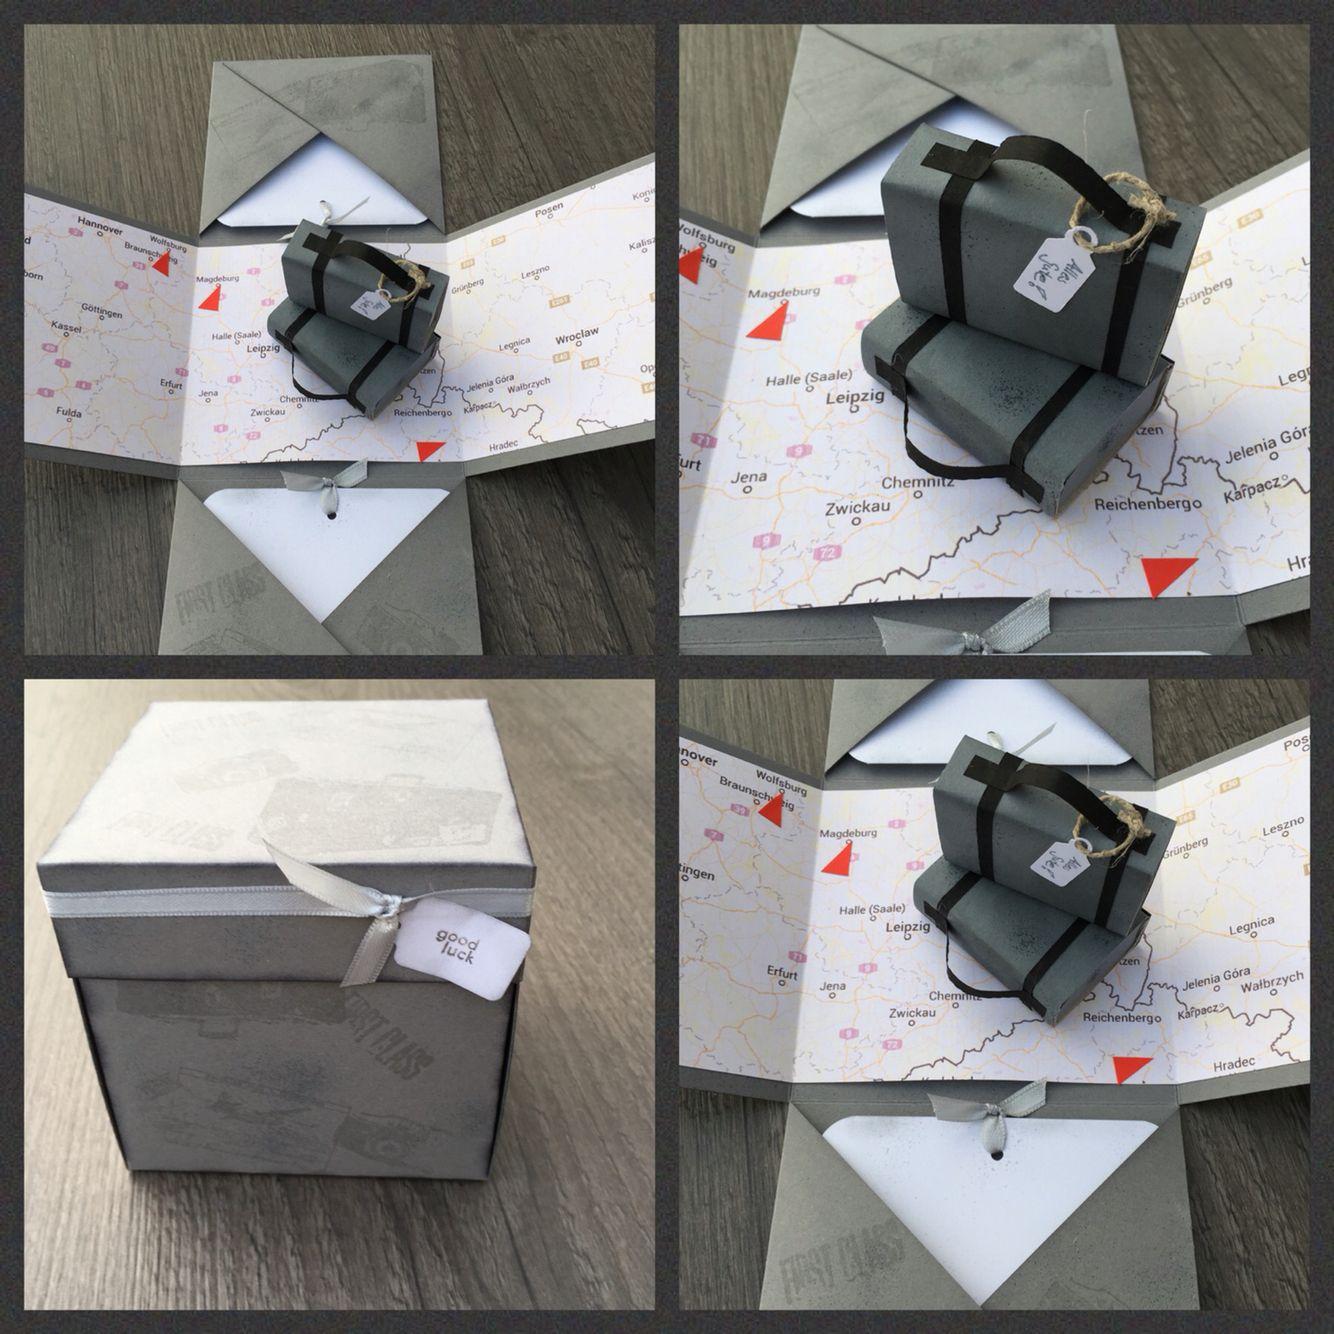 Abschiedskarte Kollege Explosion Box Hochzeit Karte Koffer suitcases